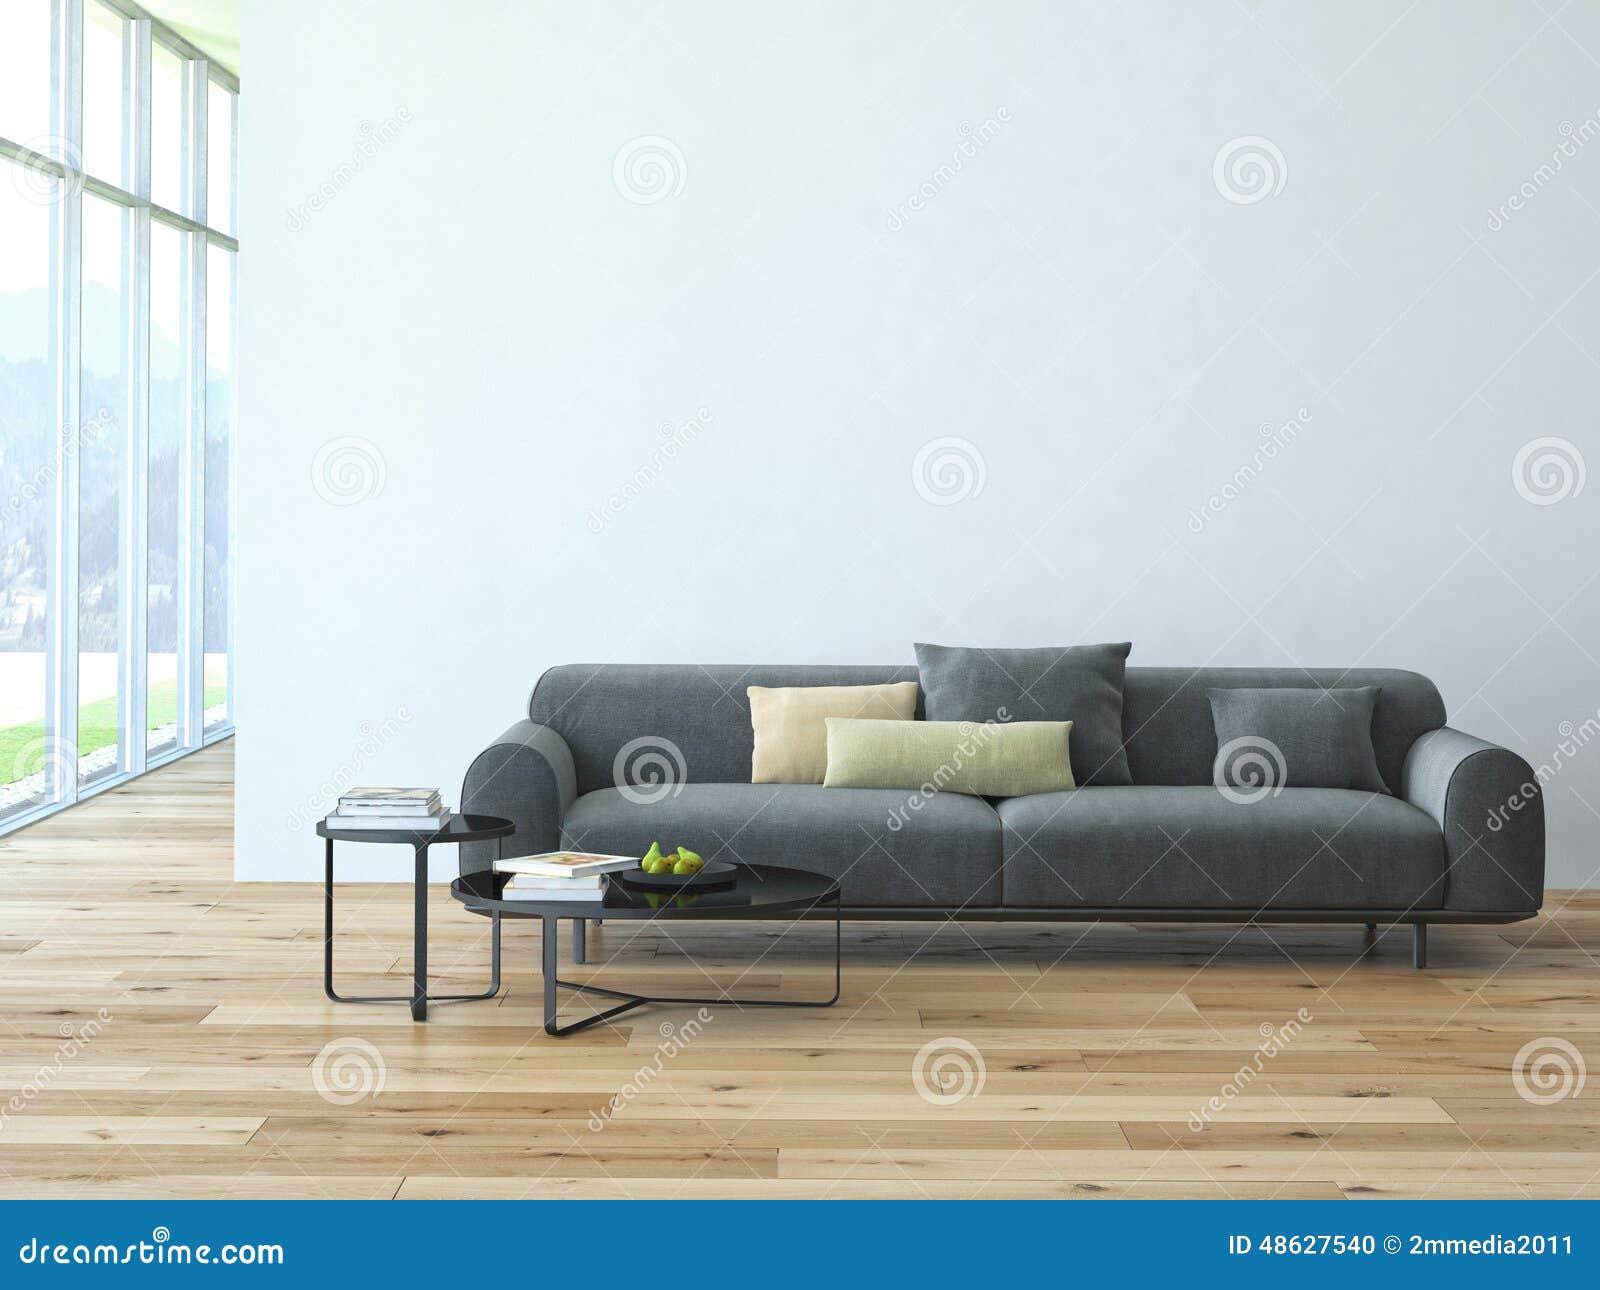 Zeitgenössischer Wohnzimmerdachbodeninnenraum